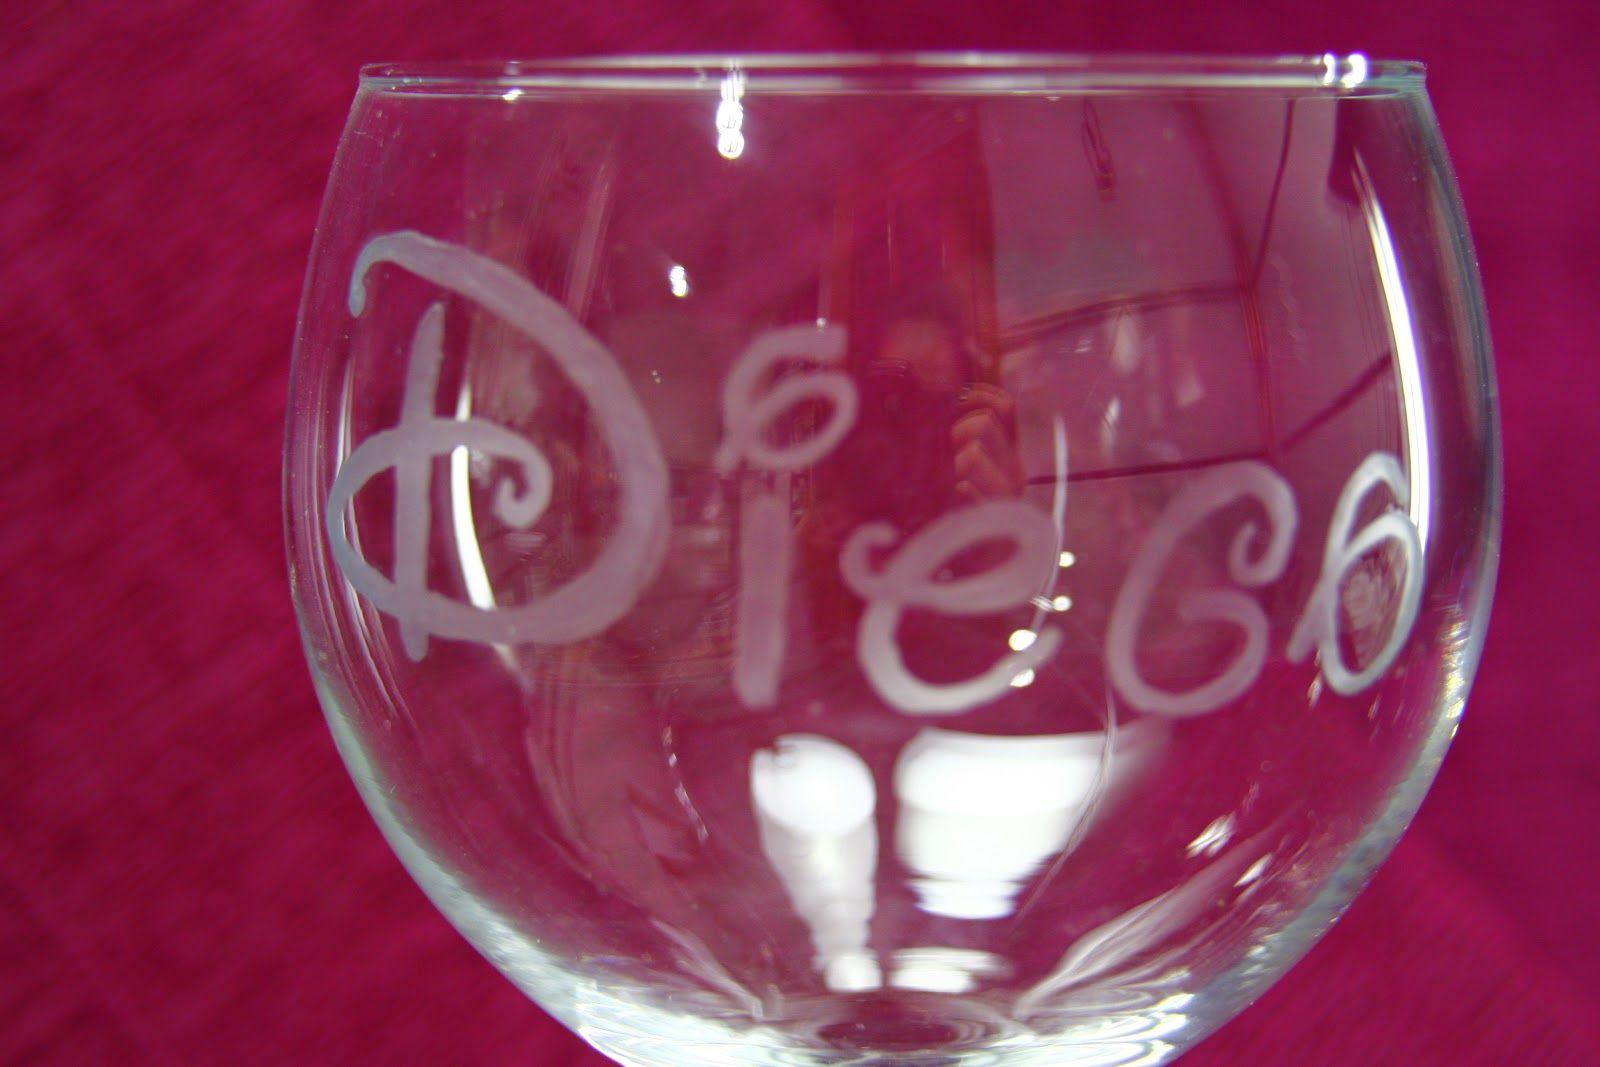 Diy Efecto Esmerilado Sin Acido Ni Herramientas Esmerilado Cristales Pintura Sobre Vidrio